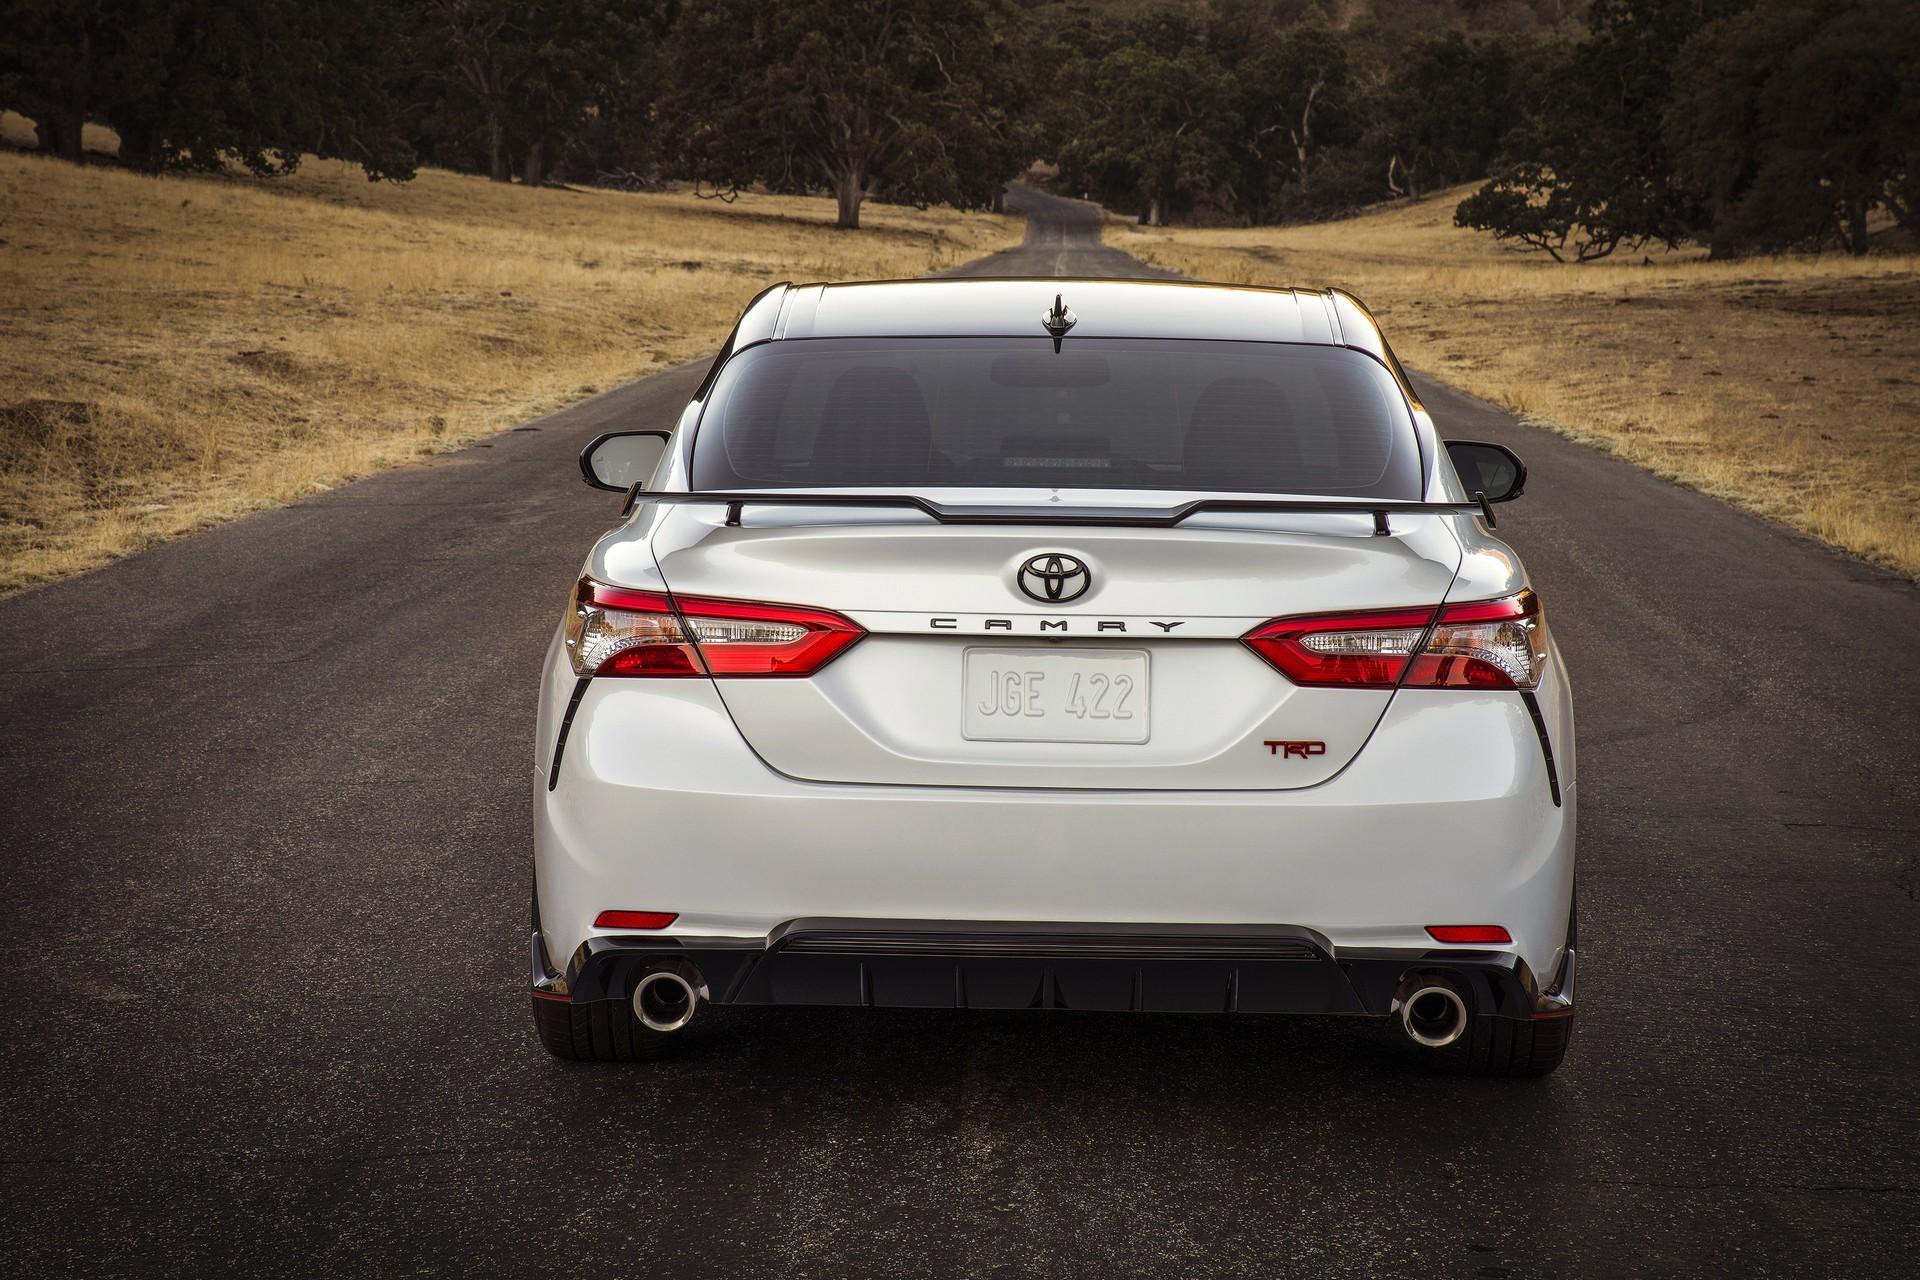 Toyota Camry TRD 2020 ทรงสปอร์ตเตรียมเปิดตัวปลายปีนี้ที่อเมริกา 4